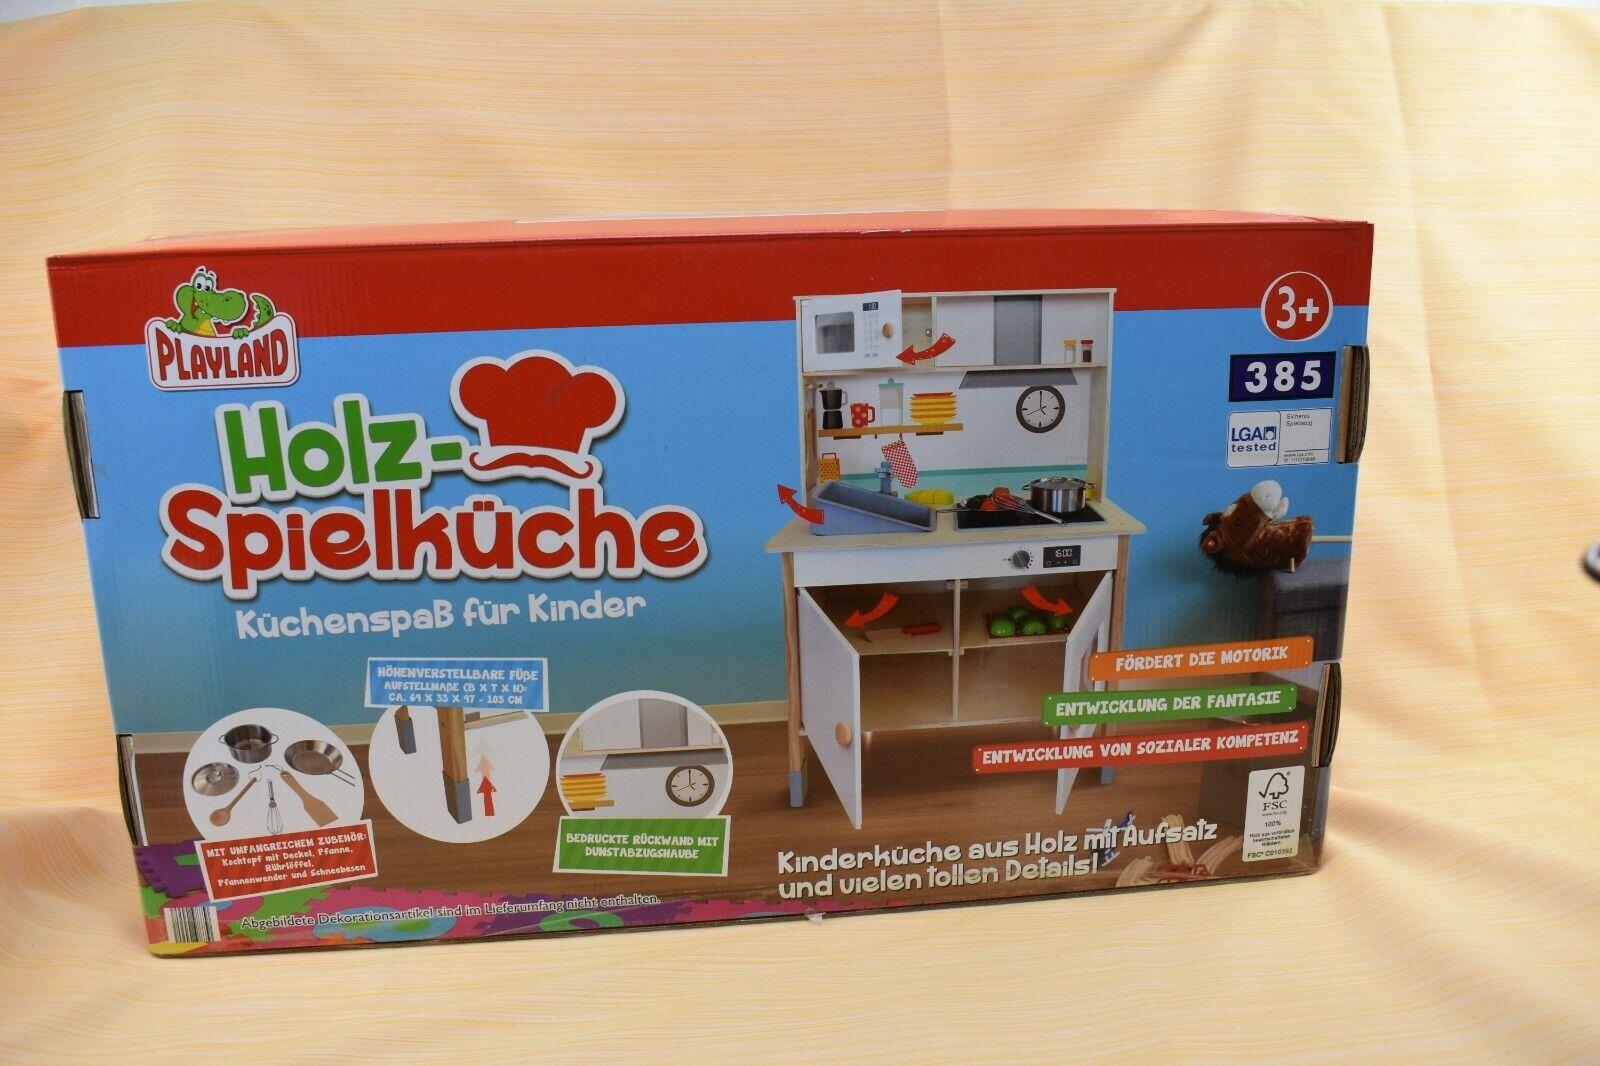 Playland Holz Spielküche, Küchenspaß für Kinder mit umfangreichem Zubehör, Neu